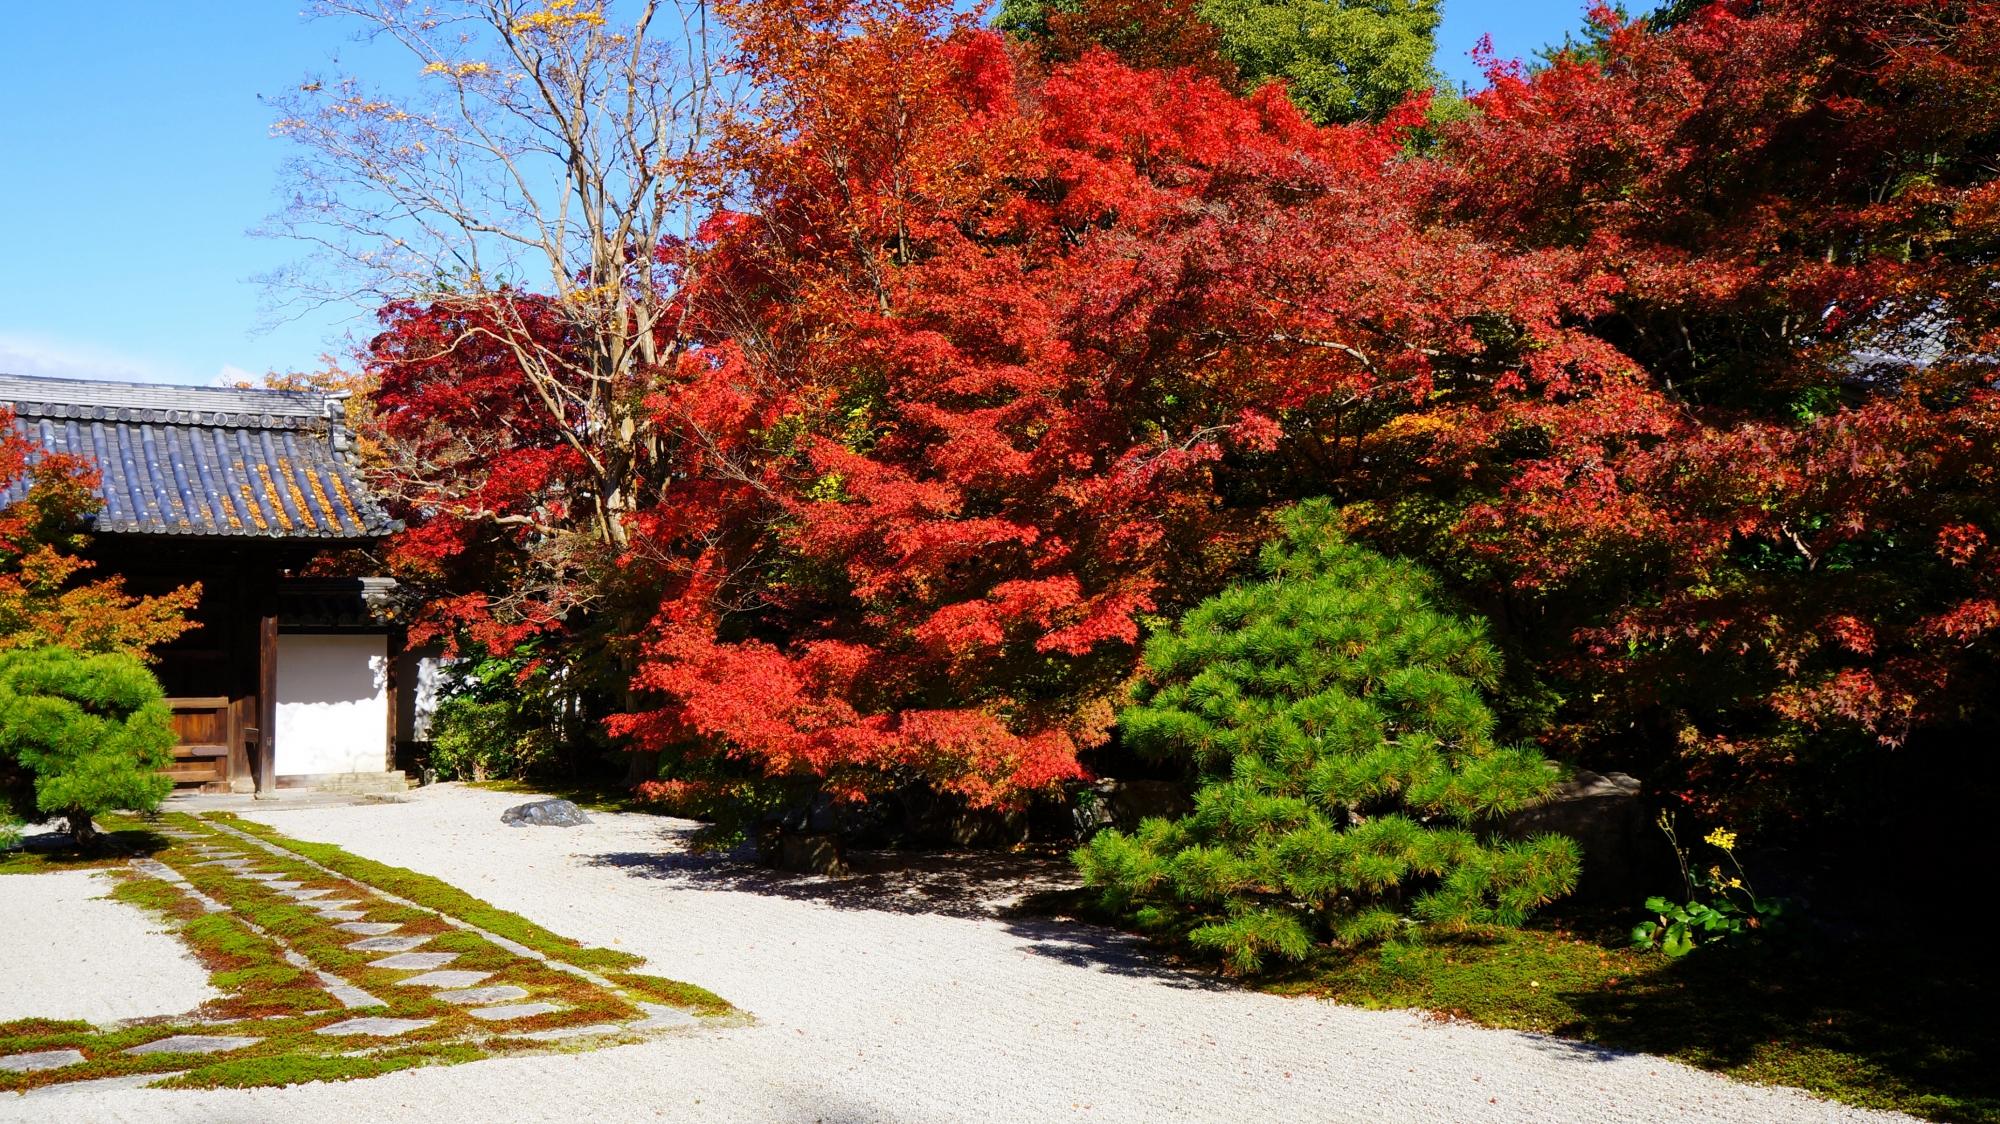 天授庵の素晴らしい真っ赤な紅葉と情景